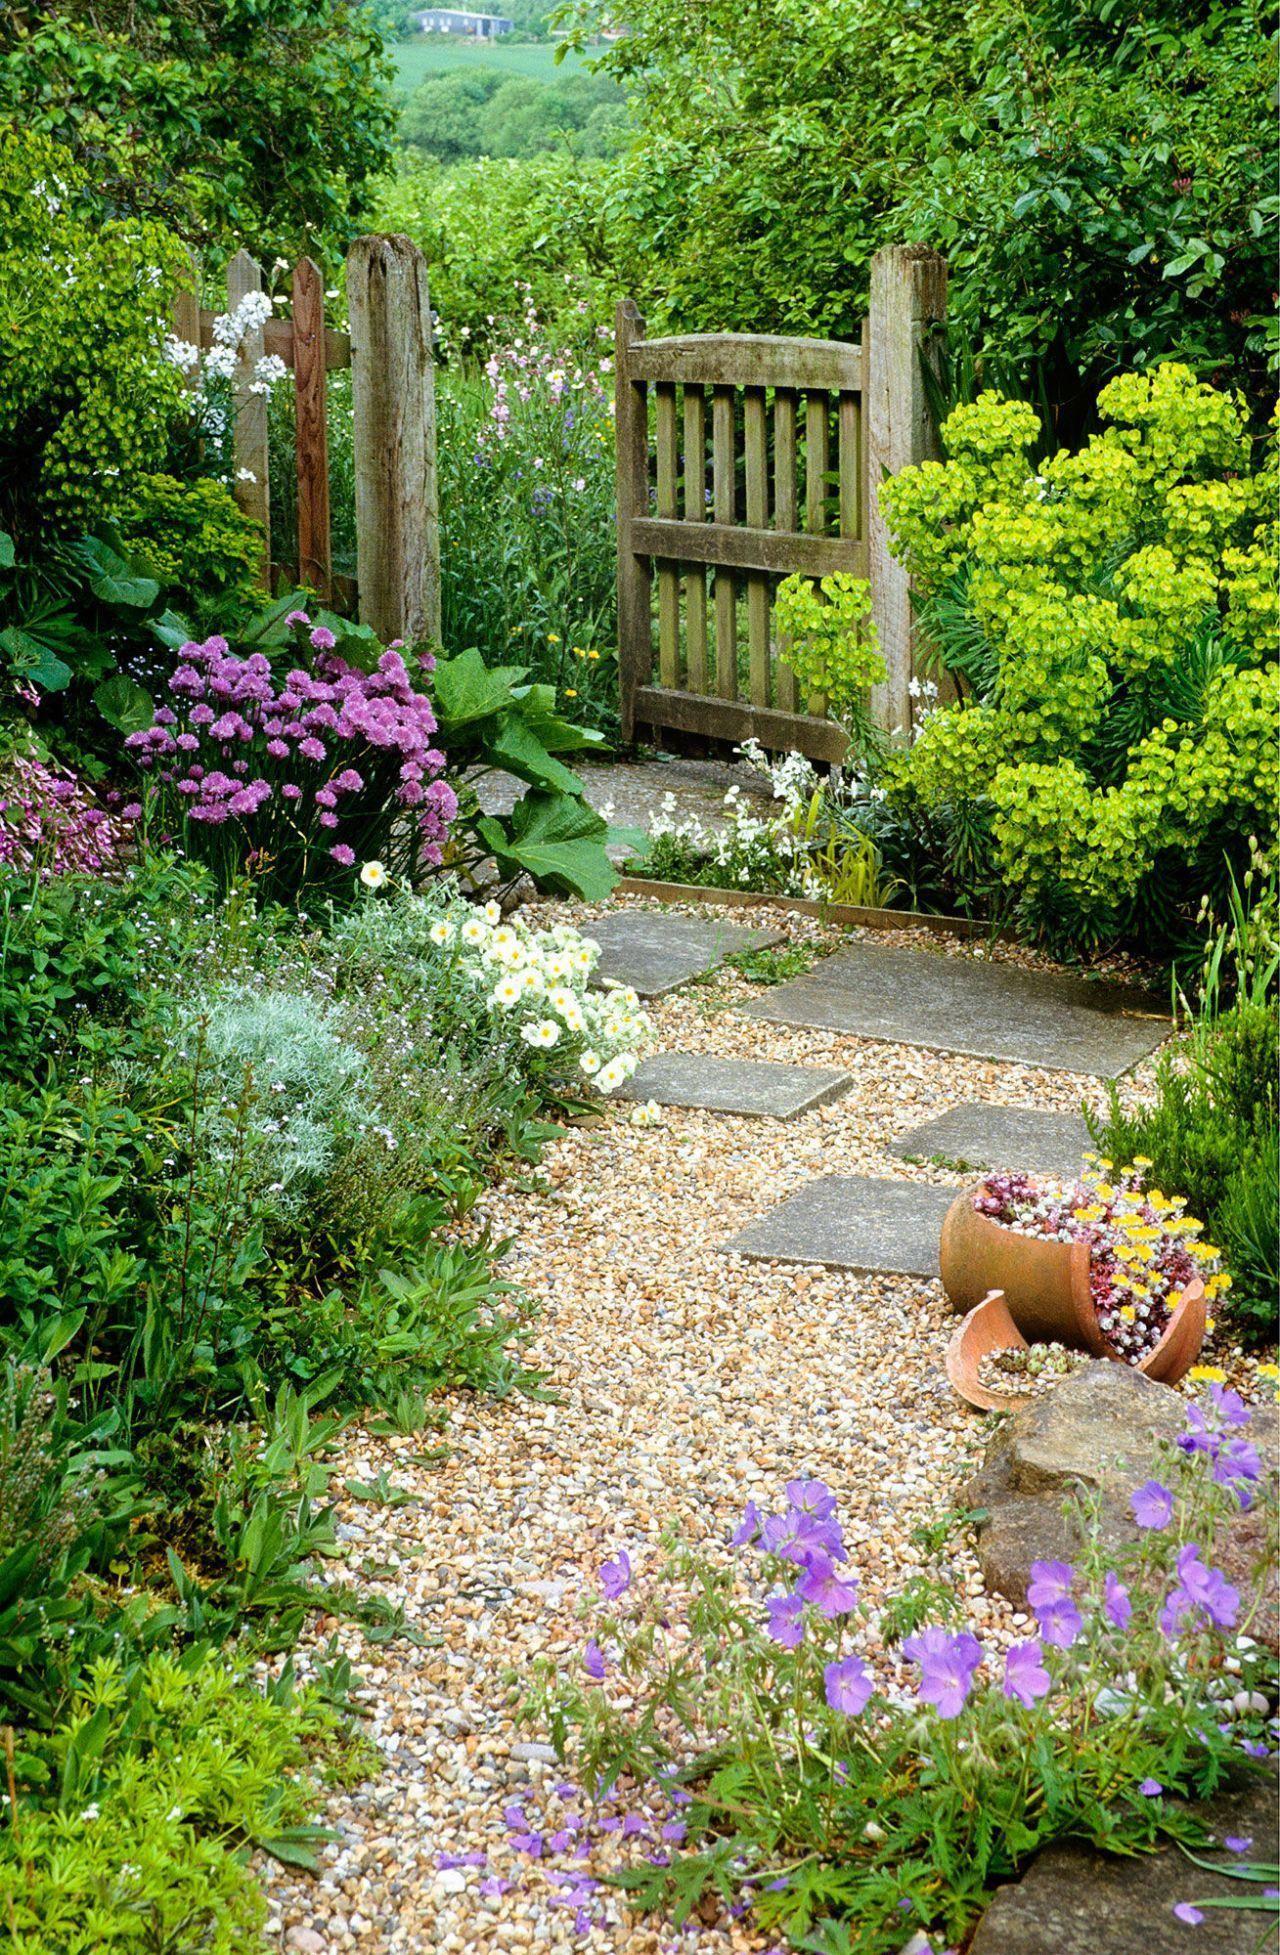 Landscape flower garden  Landscape flowers garden ideas   garden design features that will